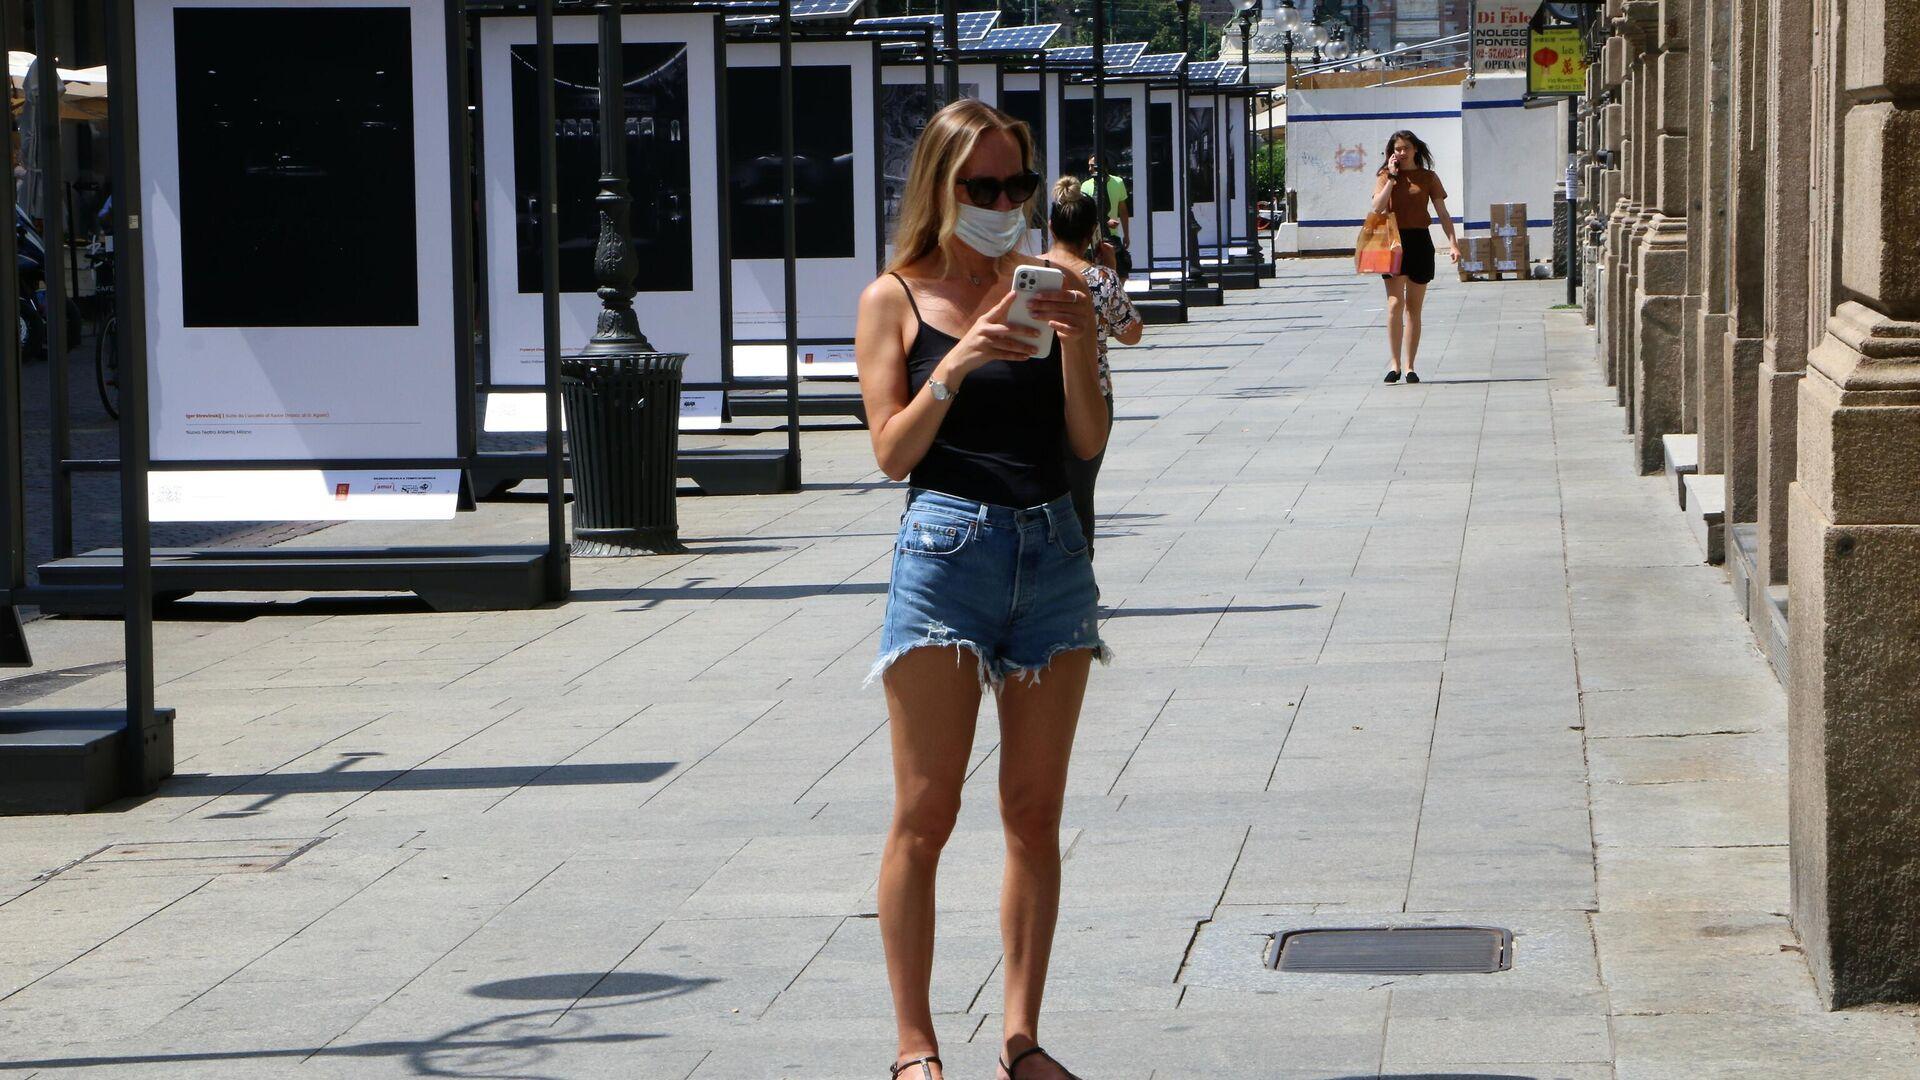 Una ragazza con il telefono sulla strada  - Sputnik Italia, 1920, 19.07.2021